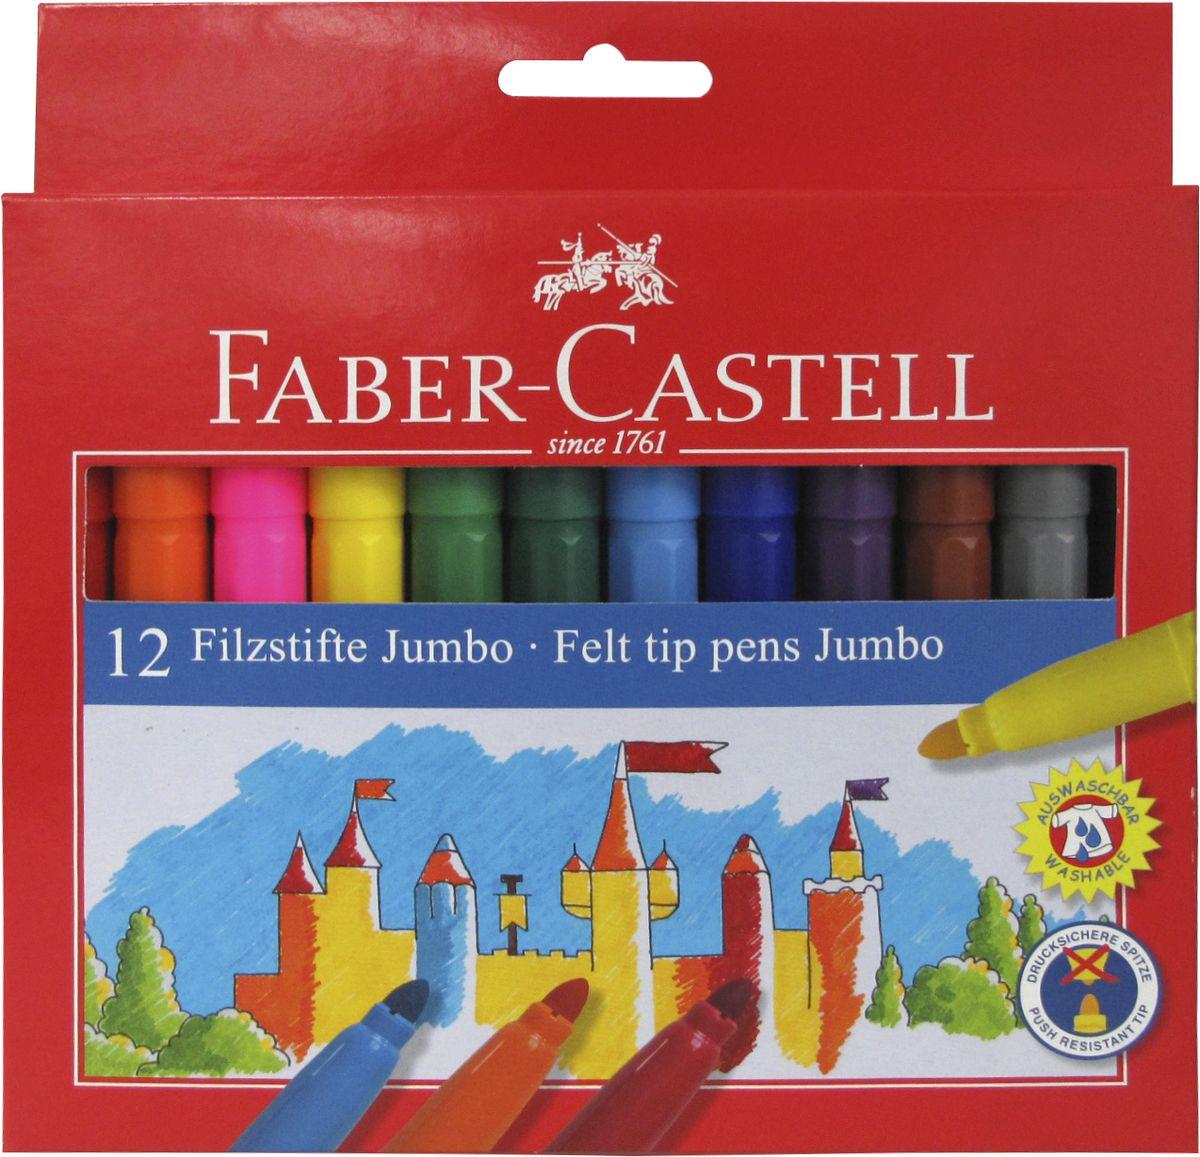 Faber-Castell Фломастеры Jumbo 12 цветов554312Фломастеры Faber-Castell помогут маленькому художнику раскрыть свой творческий потенциал, рисовать ираскрашивать яркие картинки, развивая воображение, мелкую моторику и цветовосприятие.В наборе Faber-Castell Jumbo 12 разноцветных фломастеров. Корпусы выполнены из пластика. Чернила на водной основе окрашены с использованием пищевых красителей, благодаря чему они полностью безопасны для ребенка и имеют яркие,насыщенные цвета. Если маленький художник запачкался - не беда, ведь фломастеры отстирываются с большинстватканей. Вентилируемый колпачок надолго сохранит яркость цветов.Не рекомендуется детям до 3-х лет.